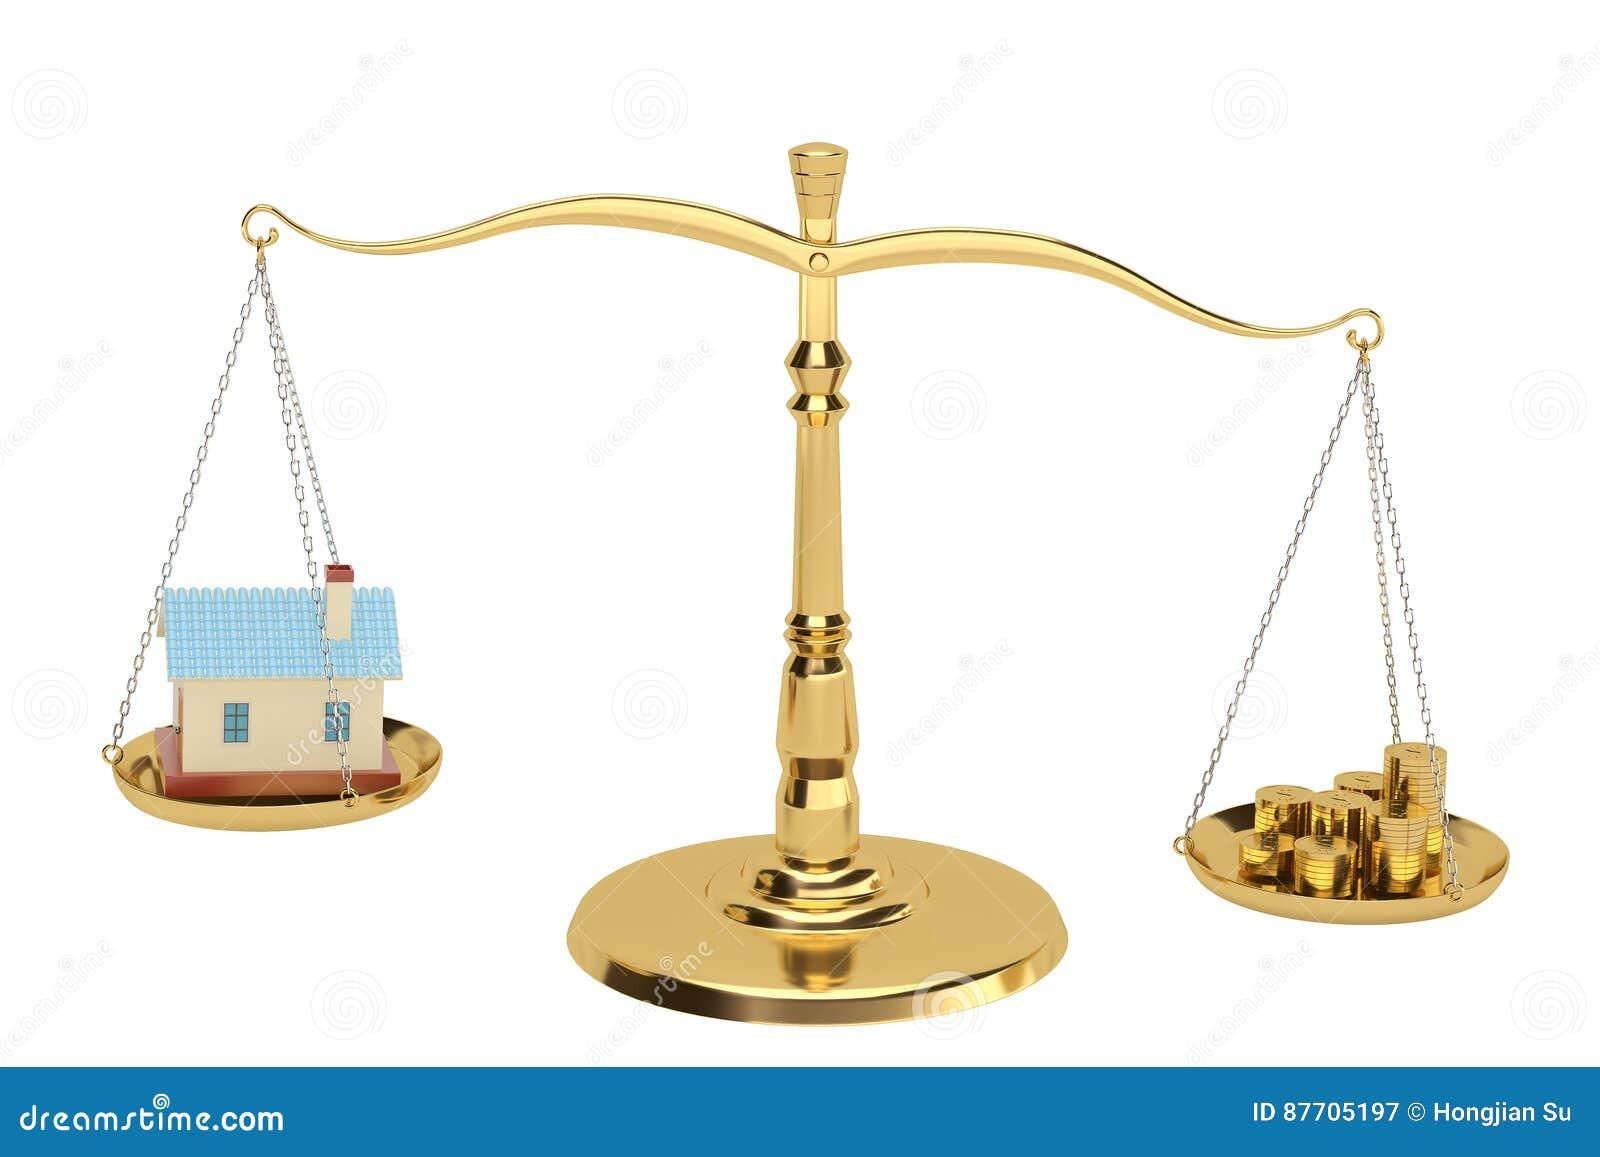 Chambre et pièces d or sur les échelles, illustration 3D